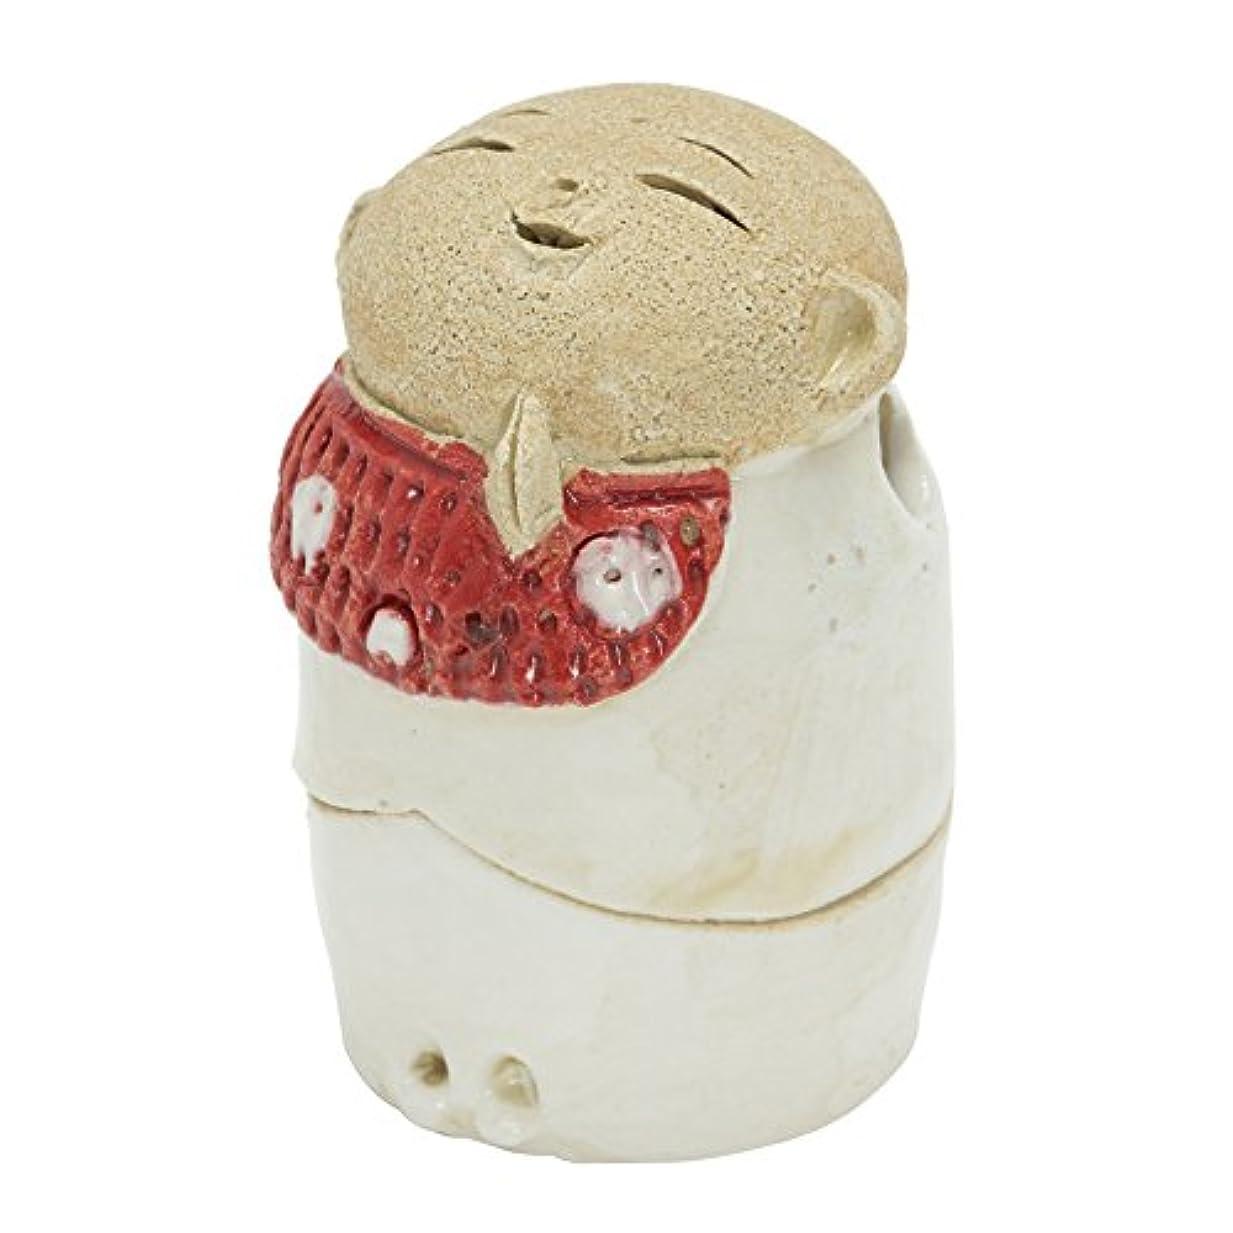 フクロウ一致する記念お地蔵様 香炉シリーズ 前掛 お地蔵様 香炉 2.2寸(わらべ) [H6.5cm] HANDMADE プレゼント ギフト 和食器 かわいい インテリア